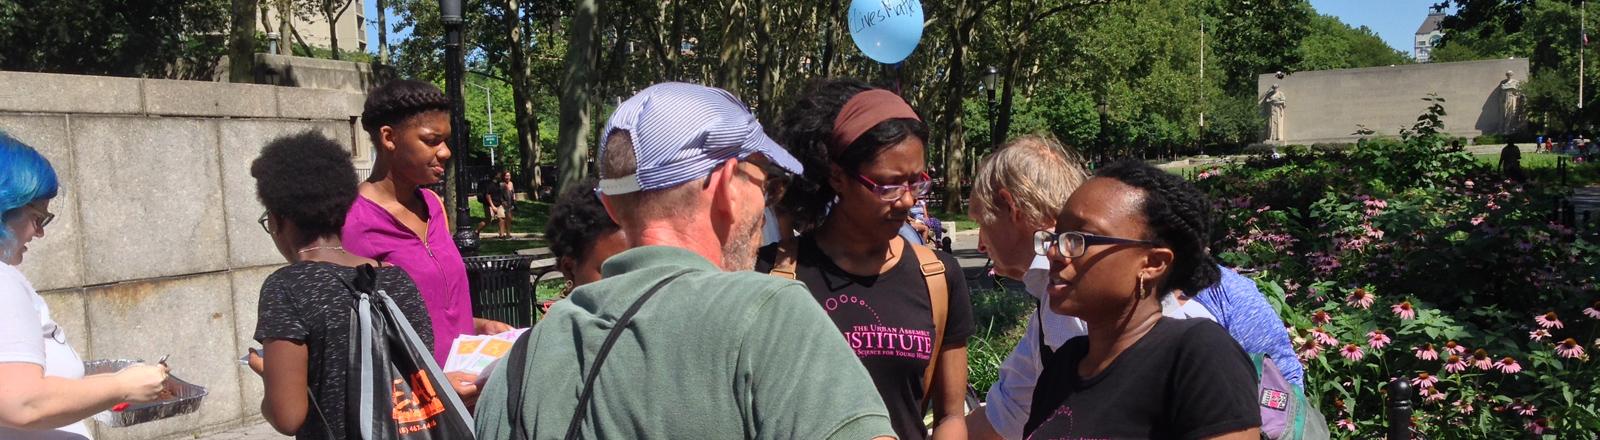 Shevani Victor im Gespräch mit Teilnehmerinnen des Occupy Summer Camps.